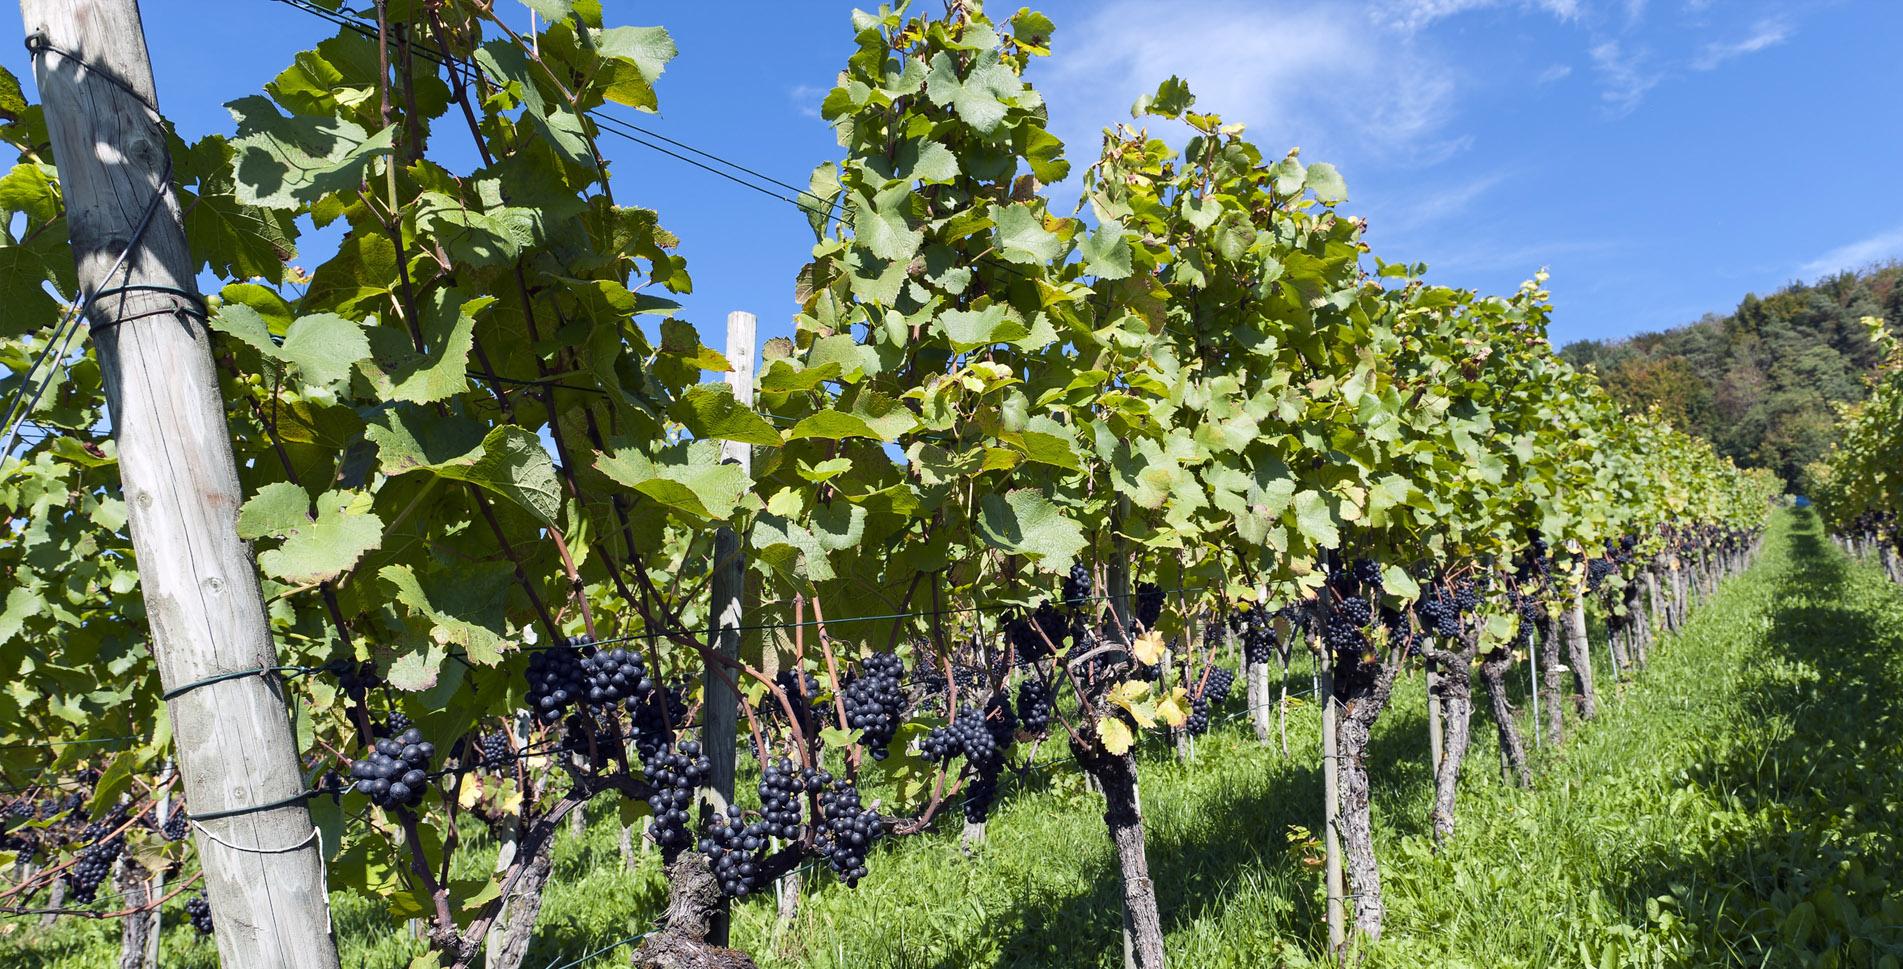 Wanderung auf dem Weinweg in Weinfelden